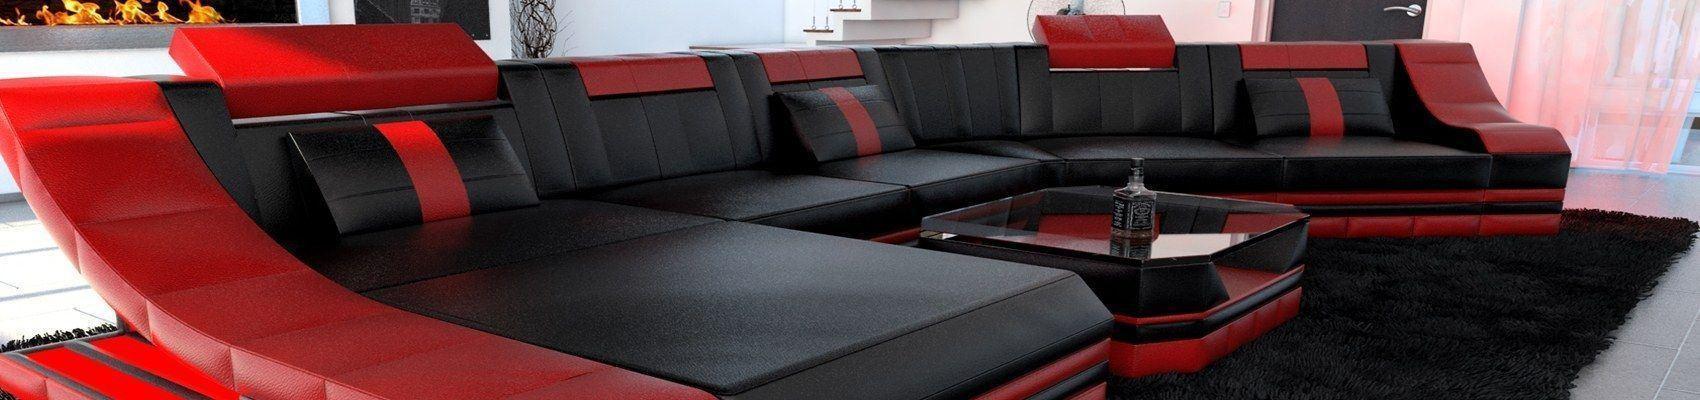 Sofa fertig zusammengestellt